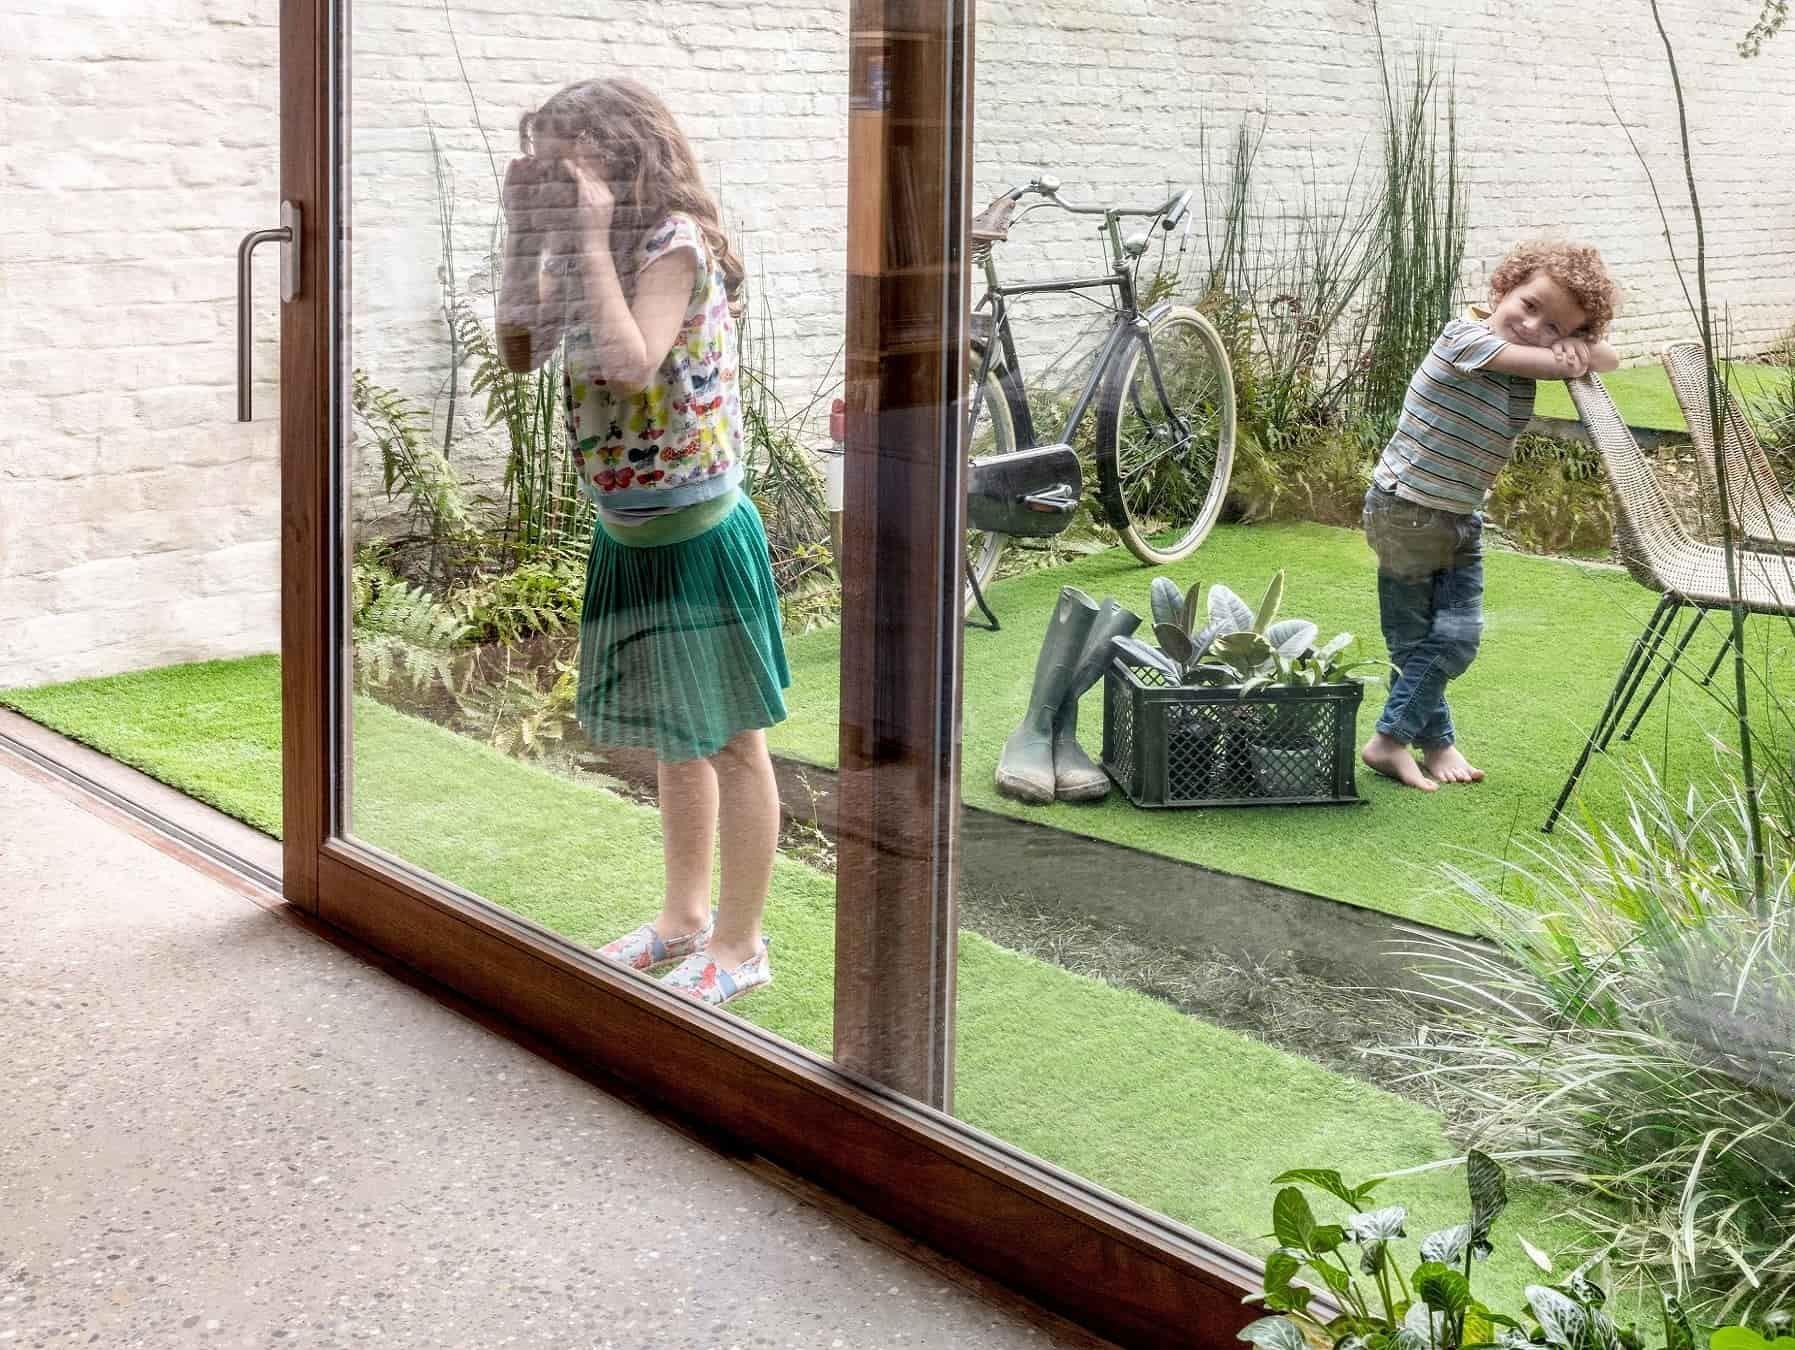 Kunstrasen Wanderlust In 2020 Rasen Anlegen Rasen Kunstrasen